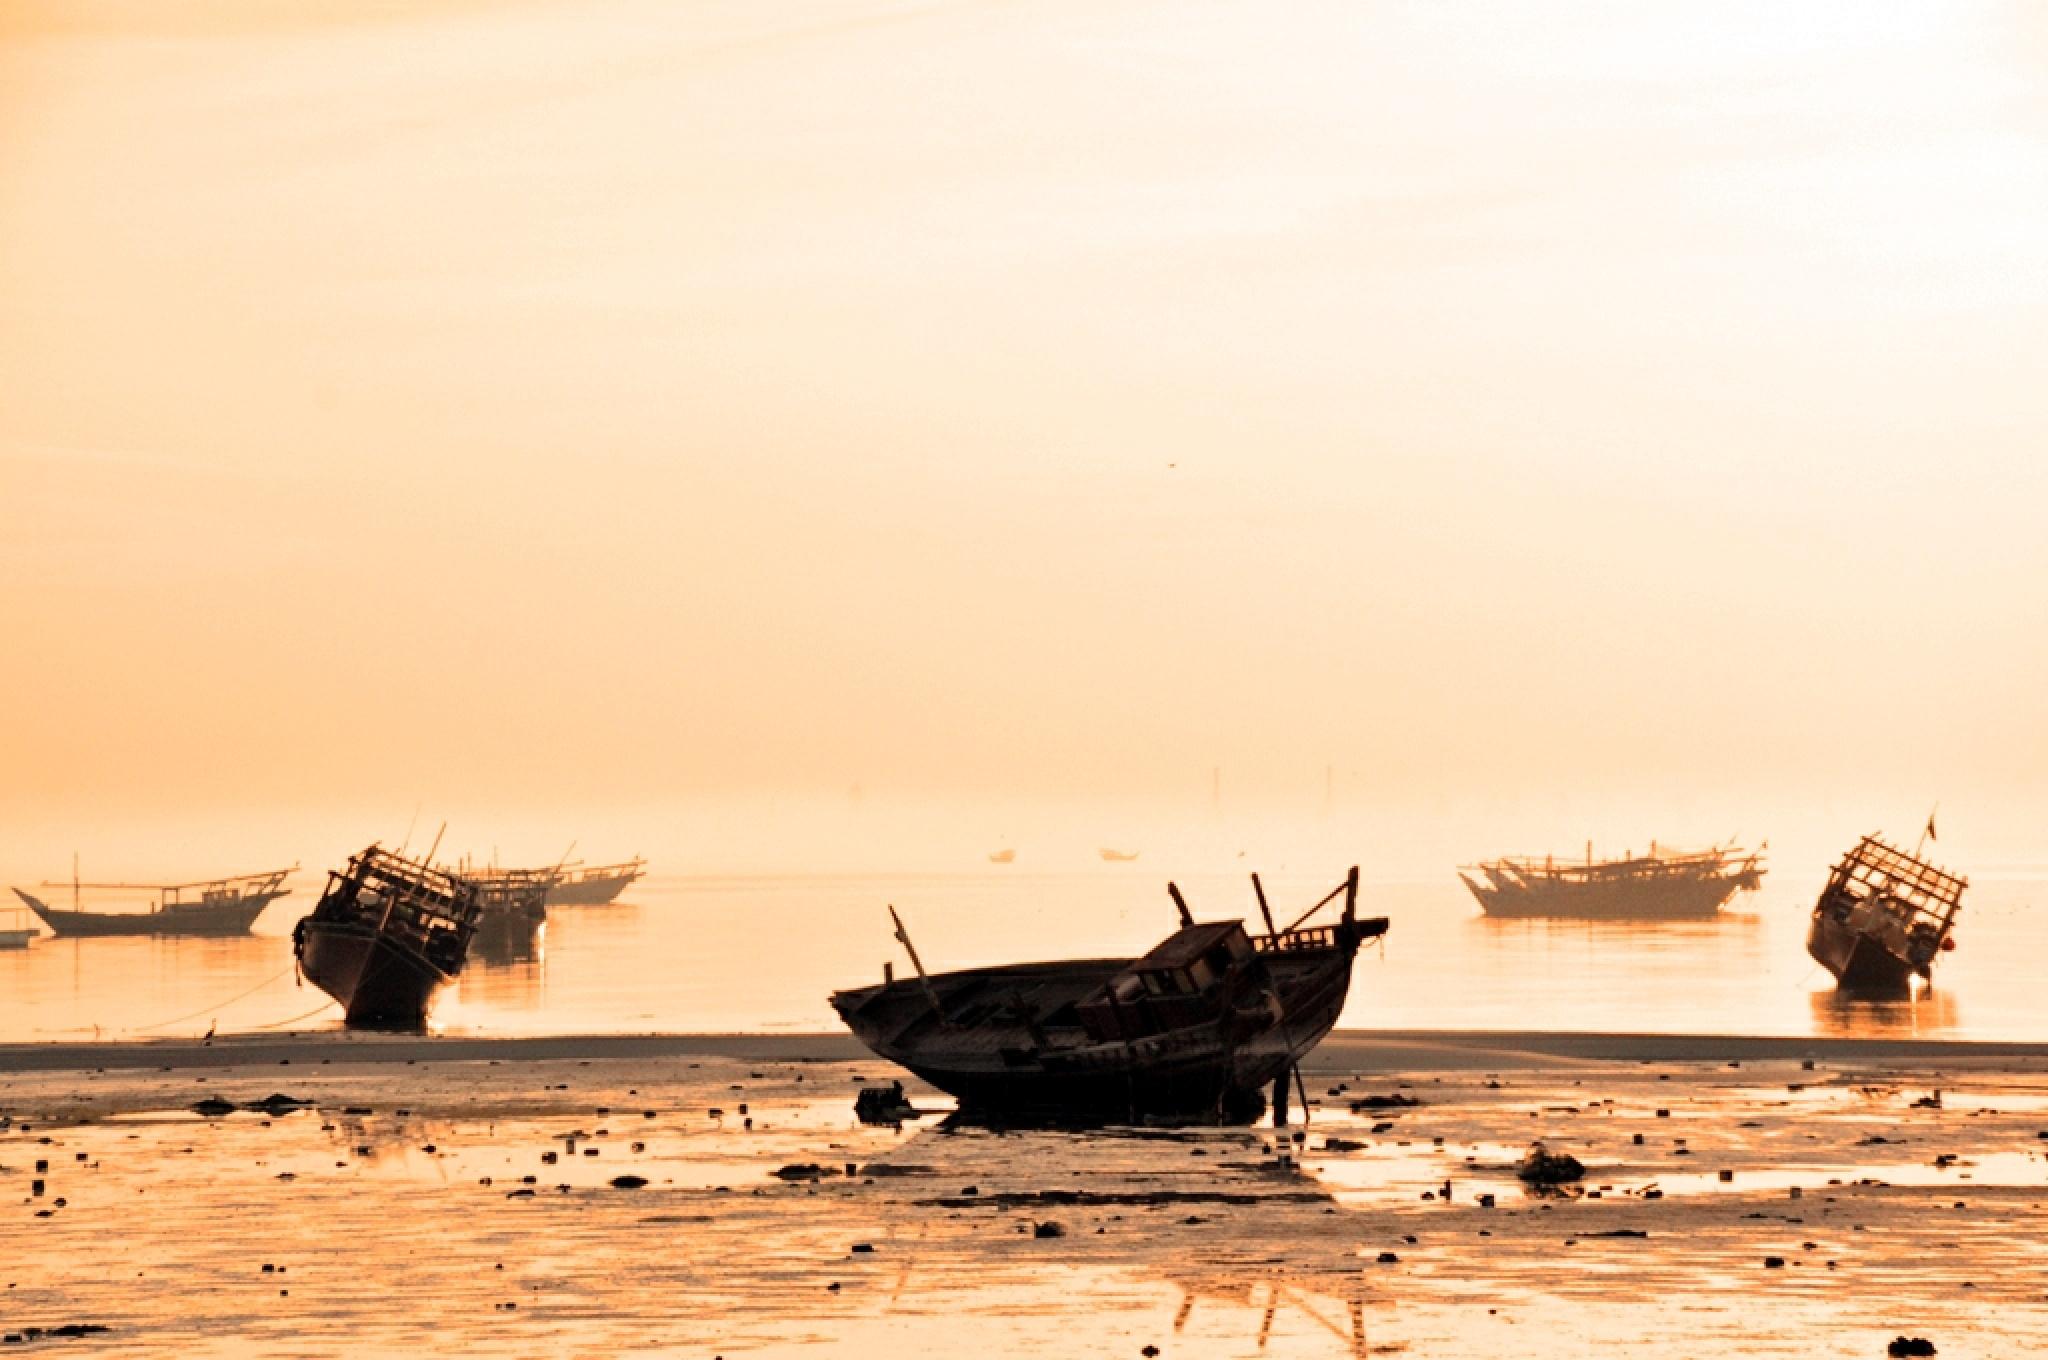 Qatif Seascape by Sadiq Ali AlQatari